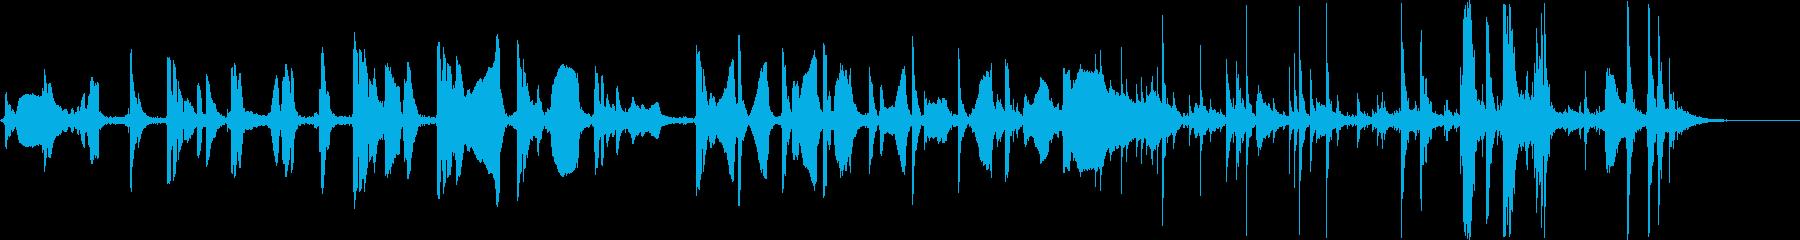 エスニック。集団即興演奏。の再生済みの波形